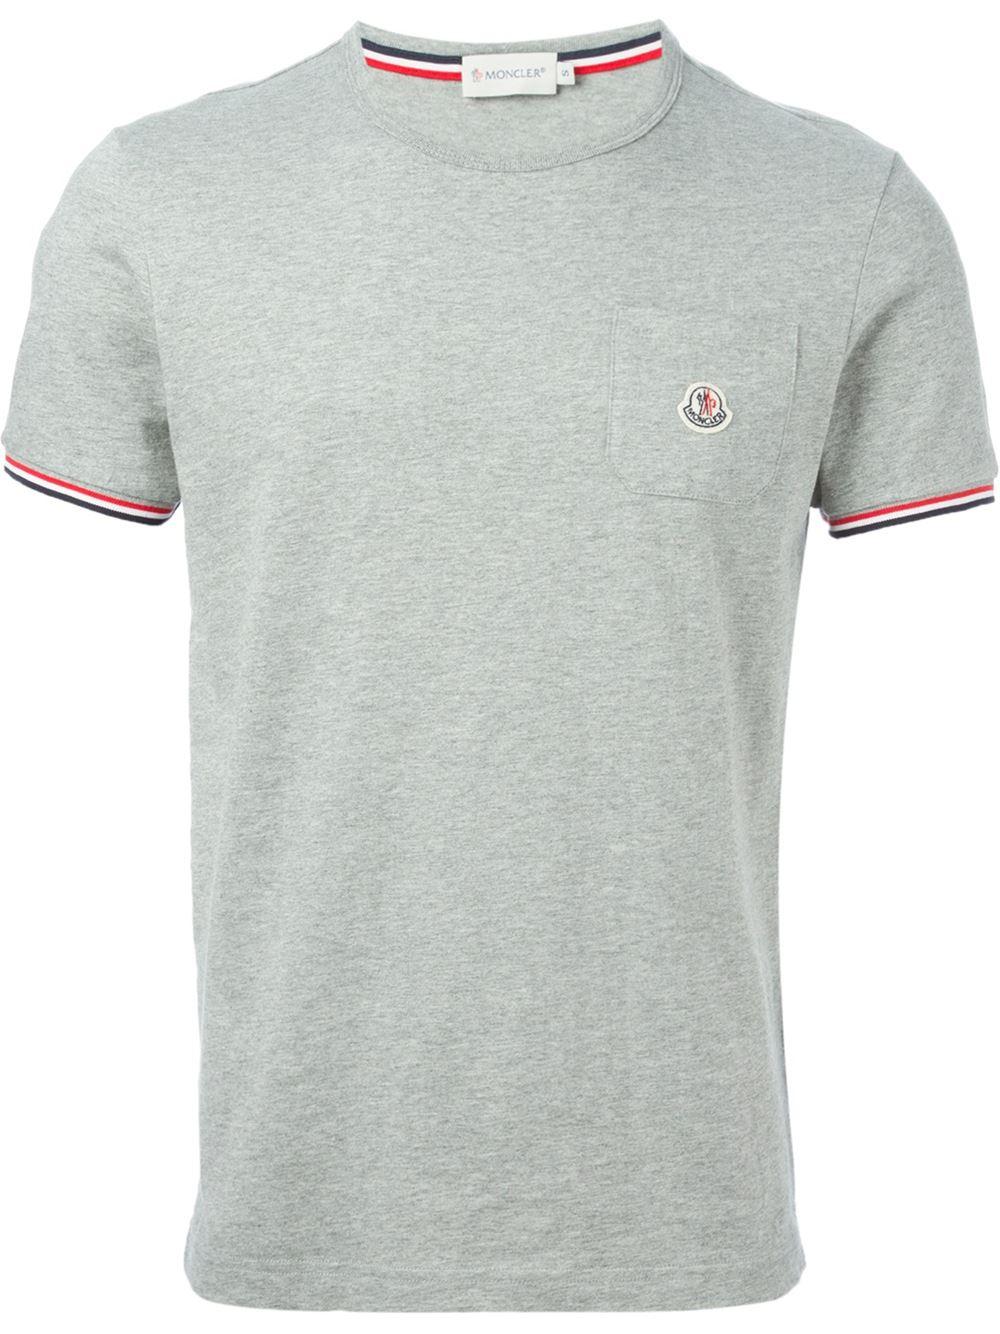 moncler grey t shirt